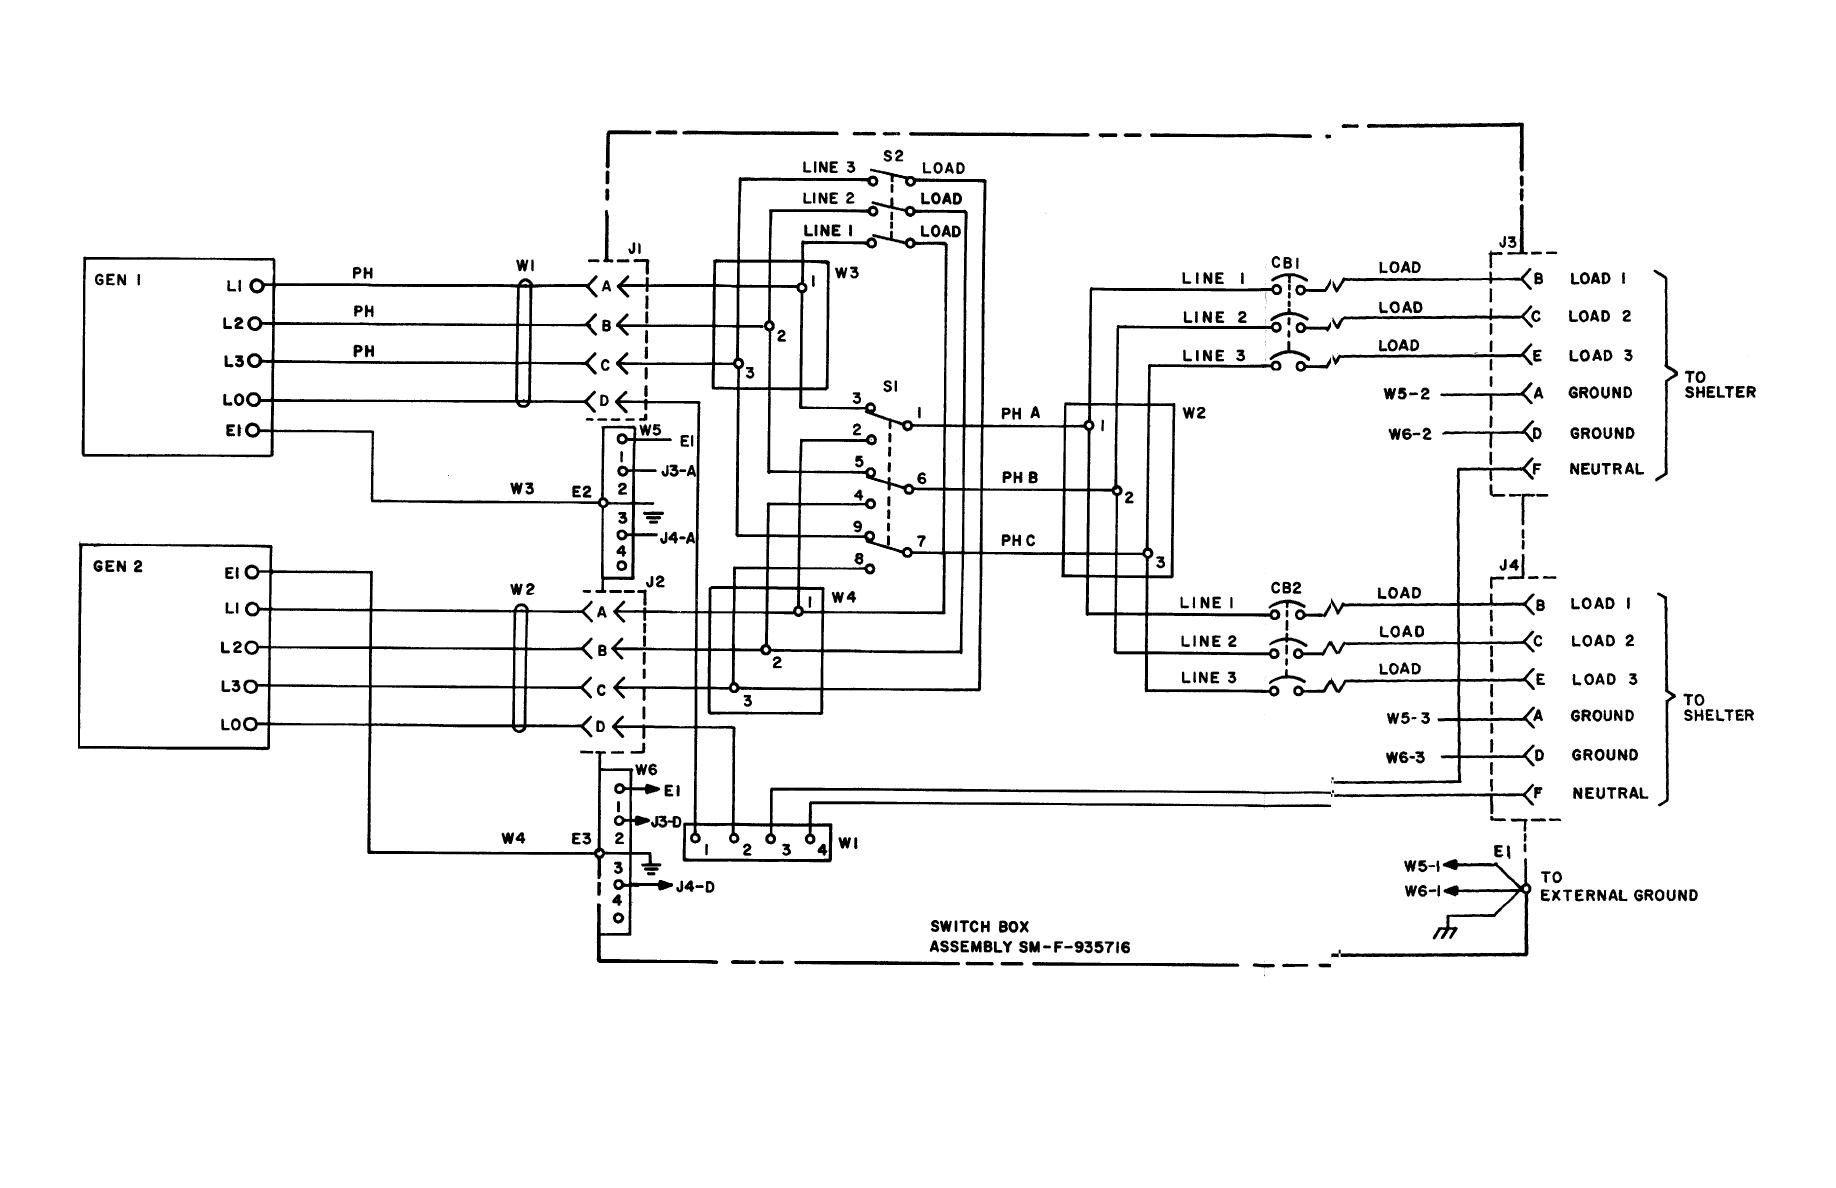 1978 Gmc Motorhome Wiring Diagram Schematic | schematic ...